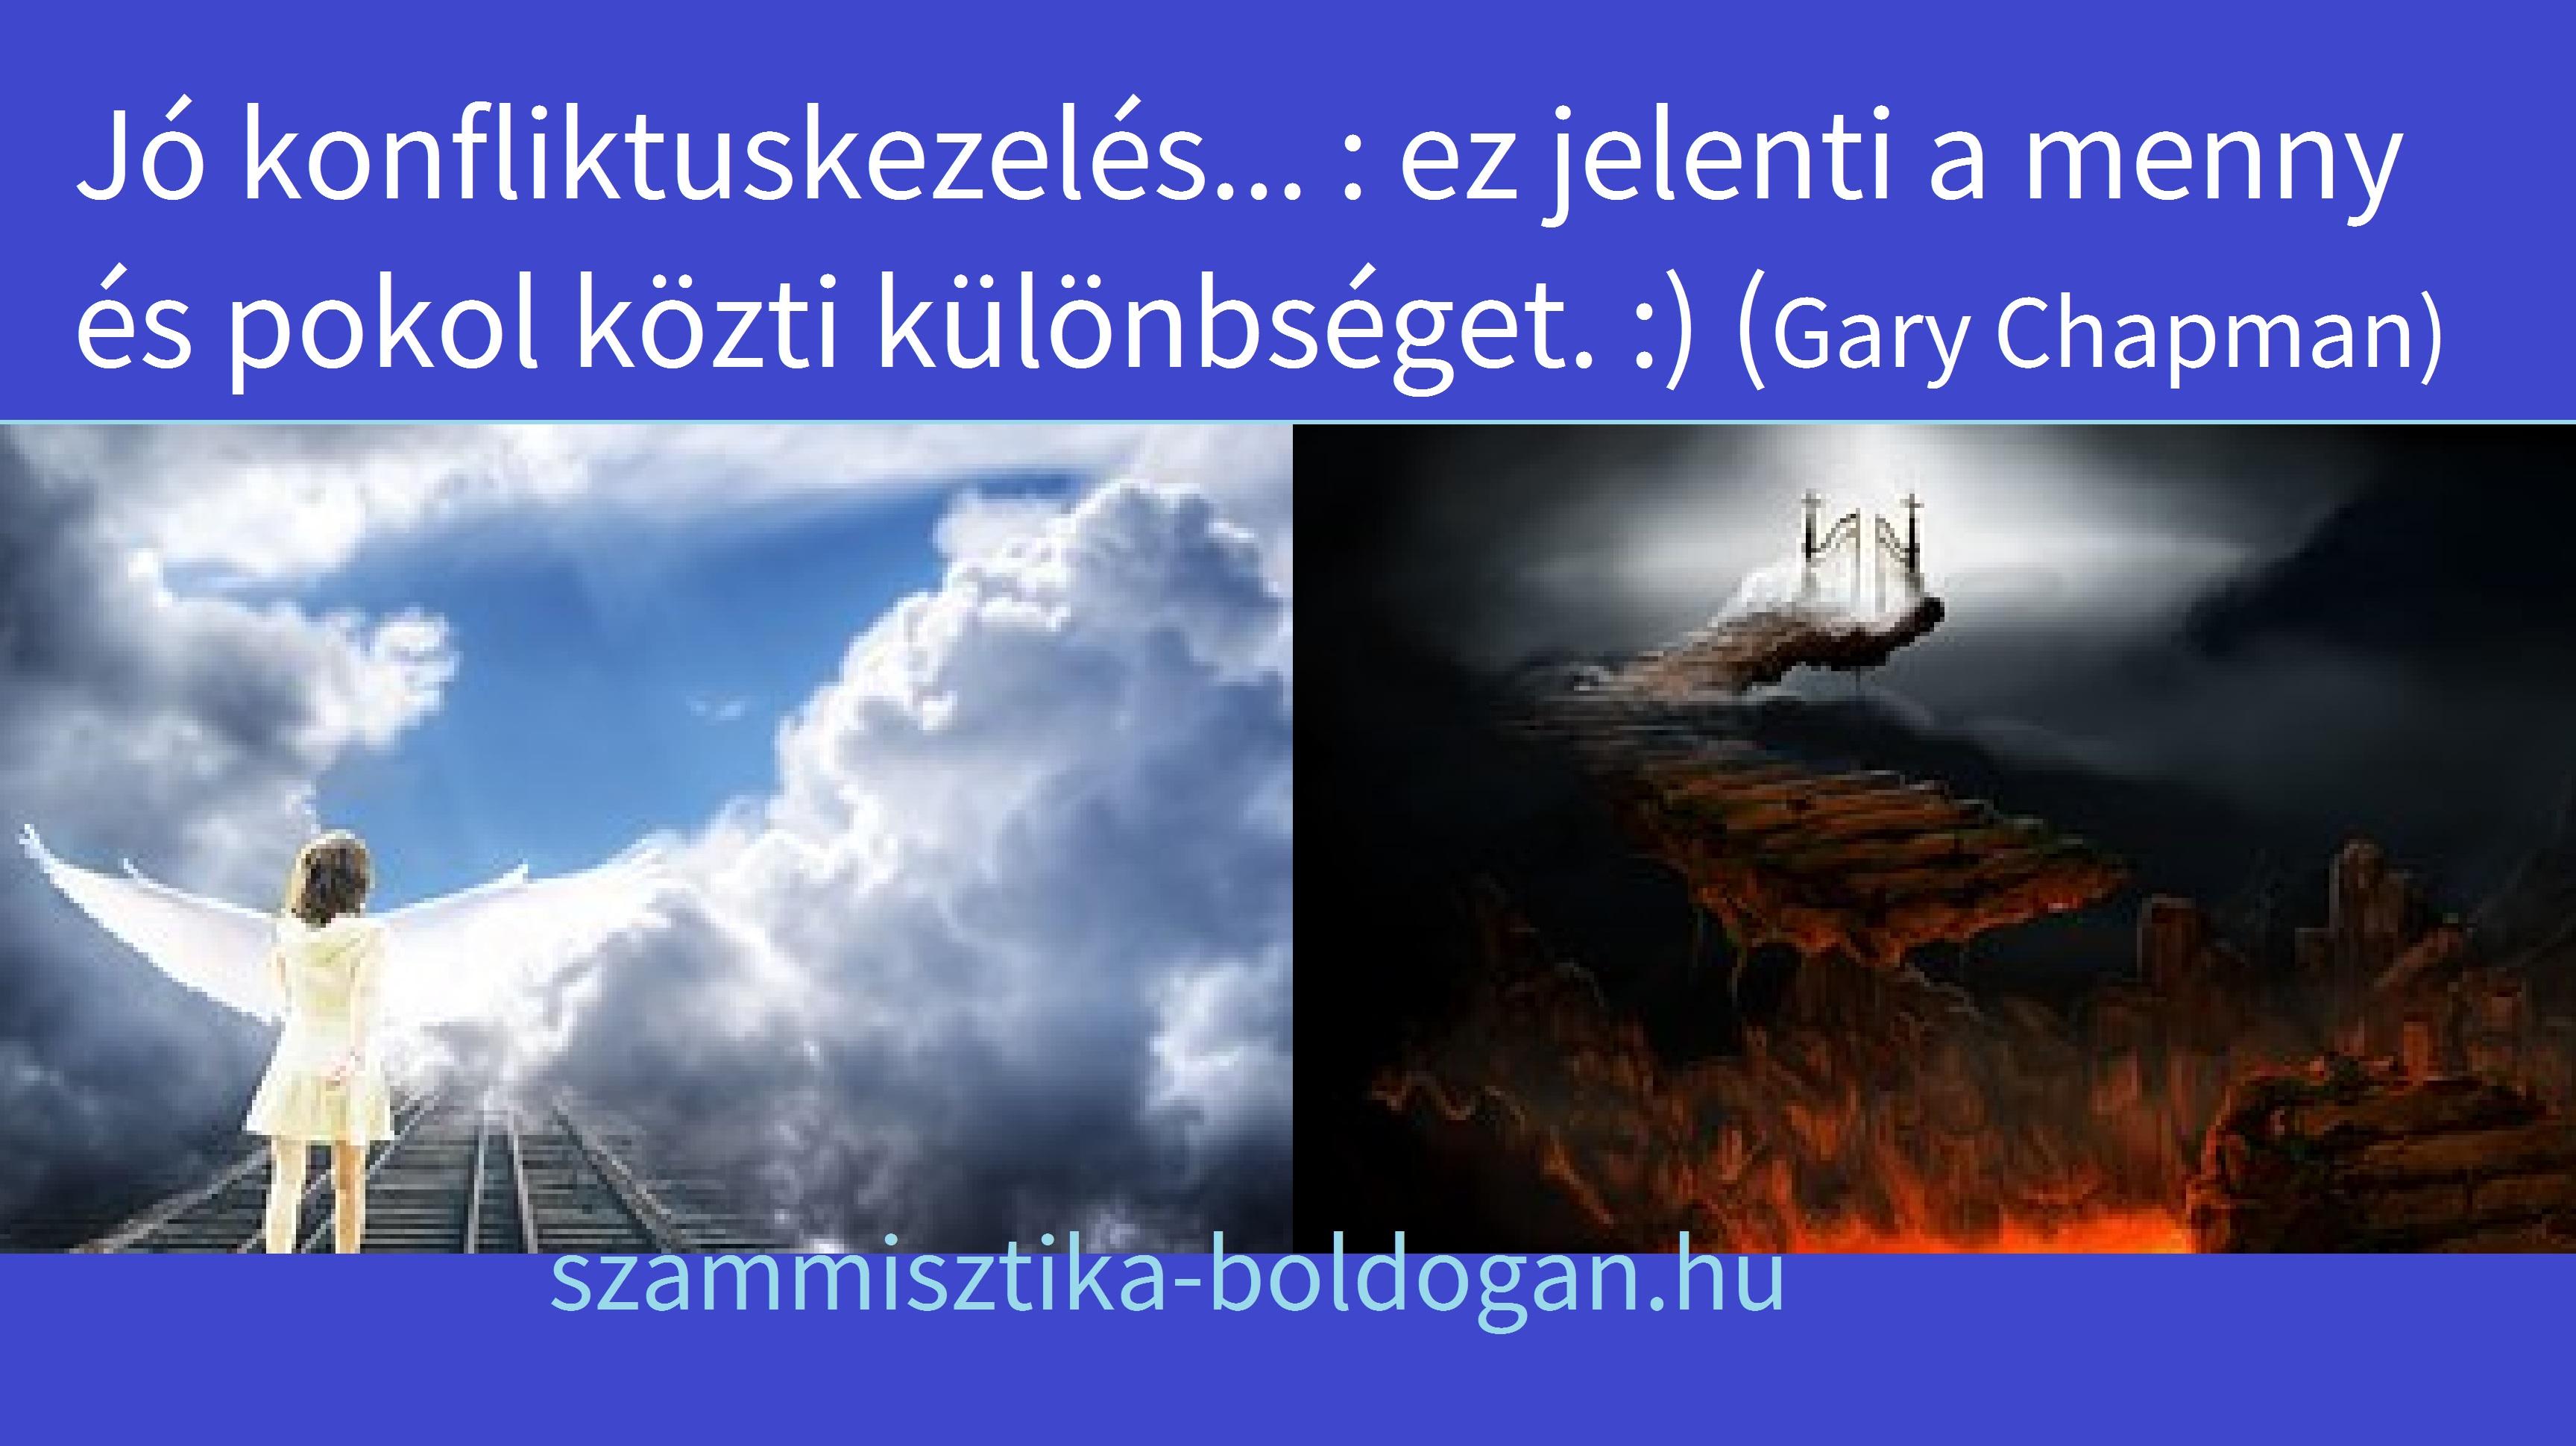 menny és pokol, idézet